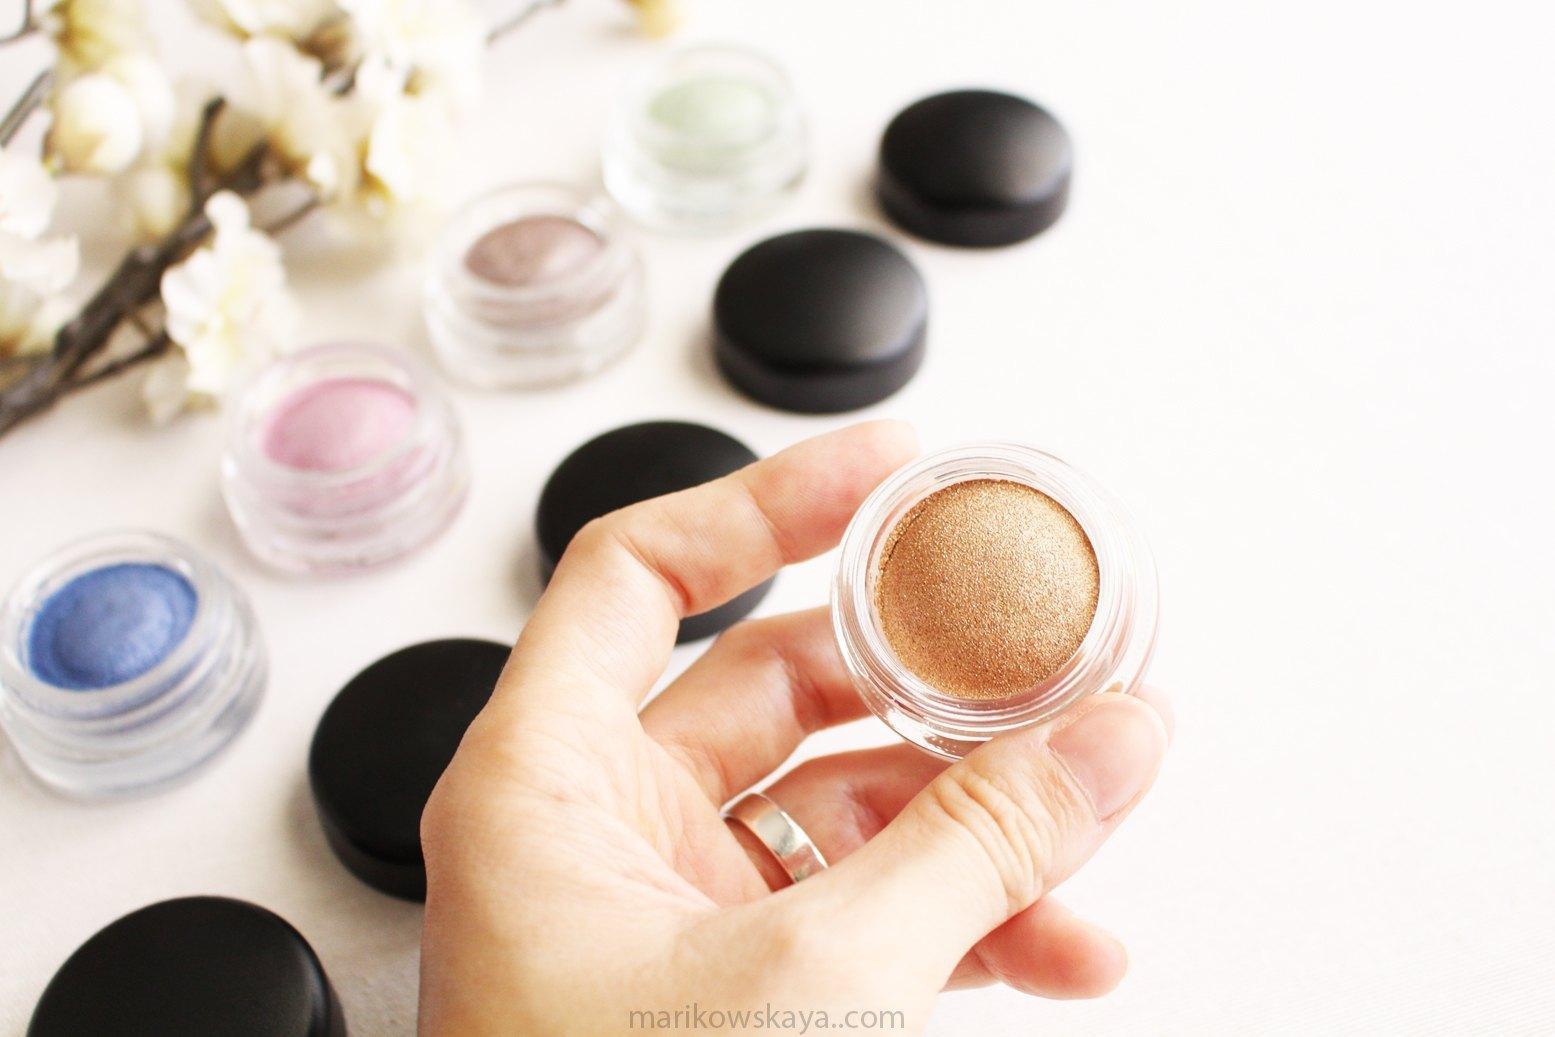 mac cosmetics soft serve eyeshadow cushy life